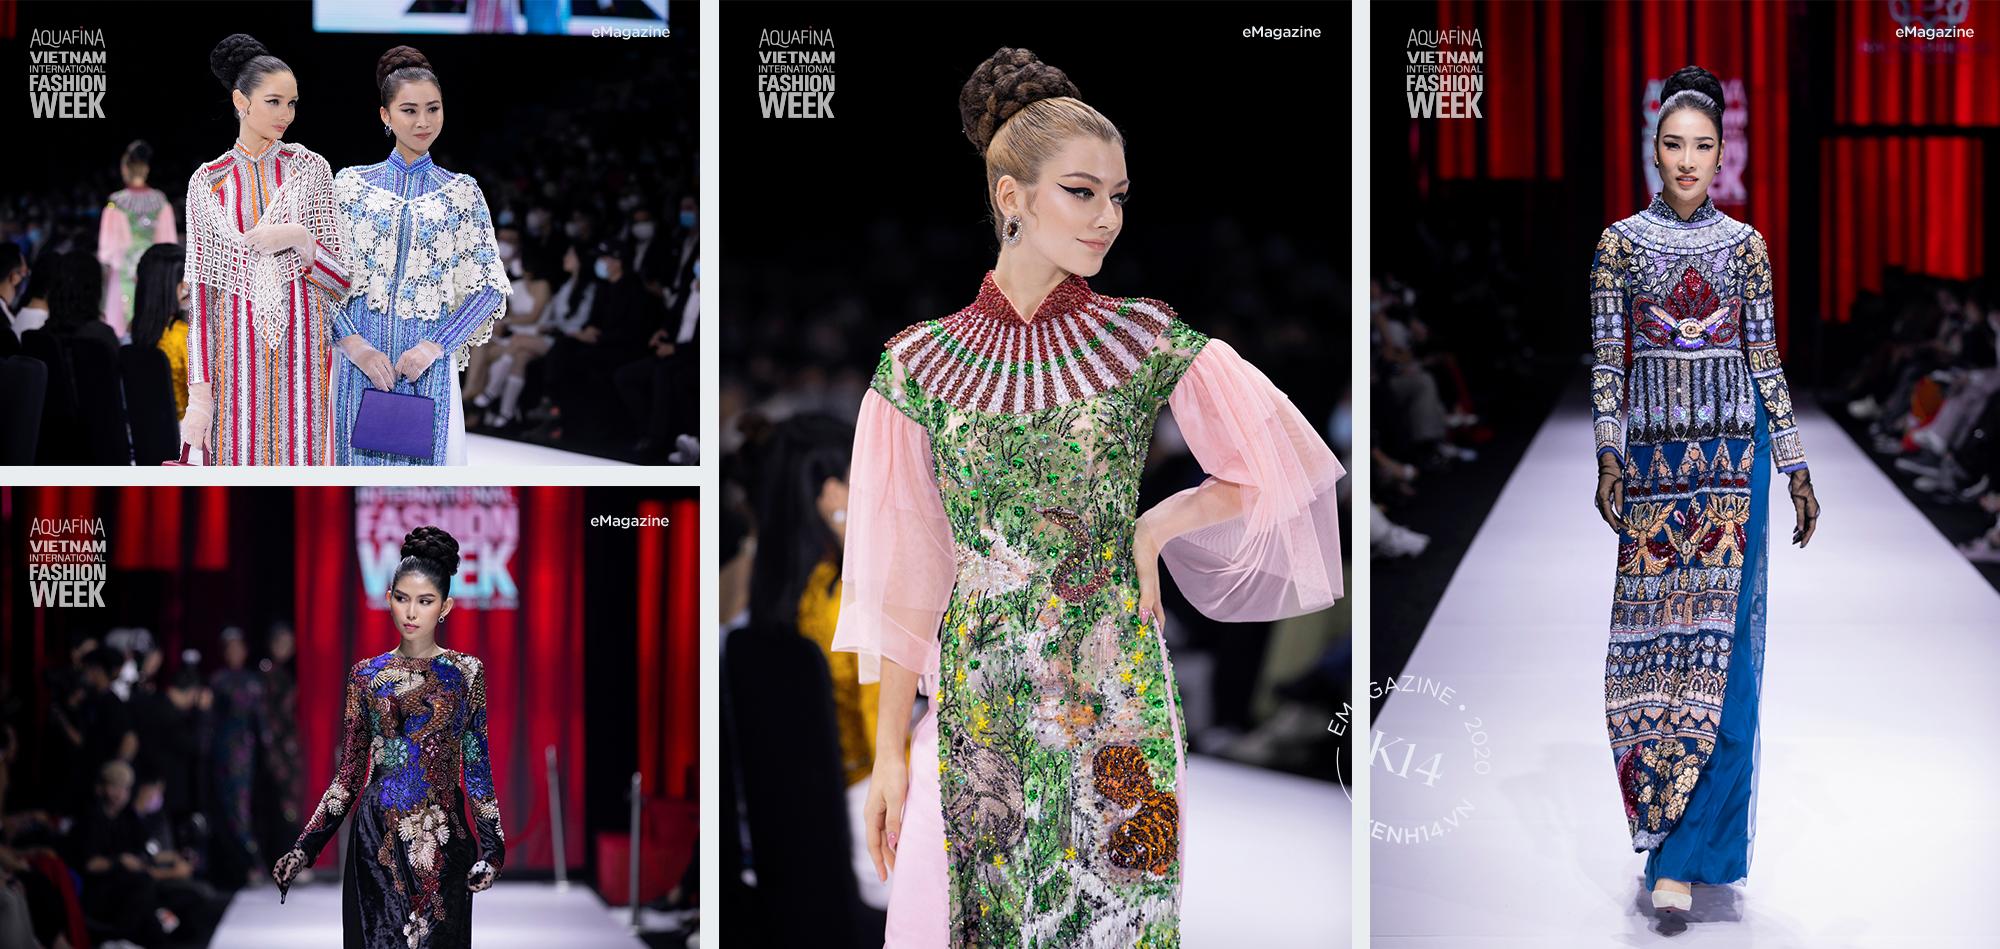 """2020: Khi các kinh đô thế giới cũng phải tạm im tiếng thì dòng chảy thời trang Việt vẫn mãnh liệt khẳng định: """"Tương lai bắt đầu từ hôm nay!"""" - Ảnh 8."""